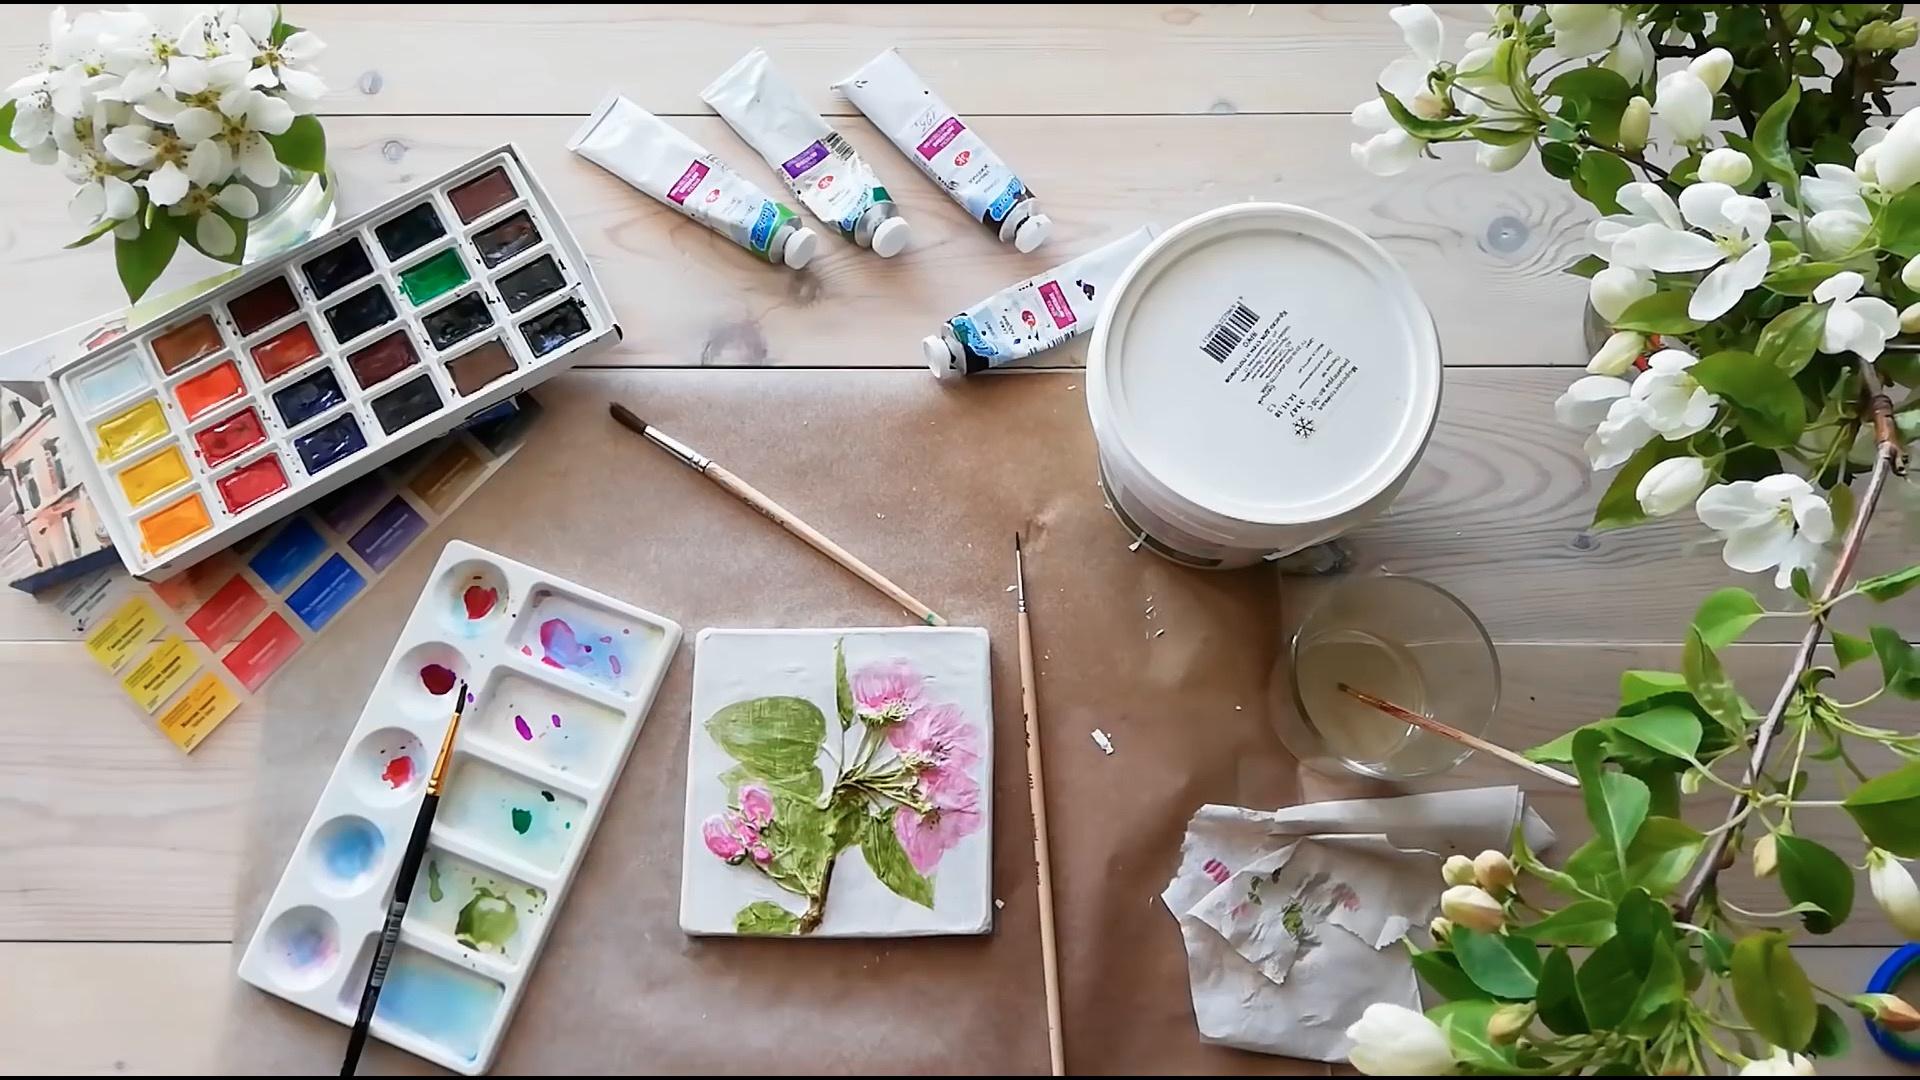 石膏植物拓印画 | 留住花朵的印记,石膏花(Plaster flowers)制作教程